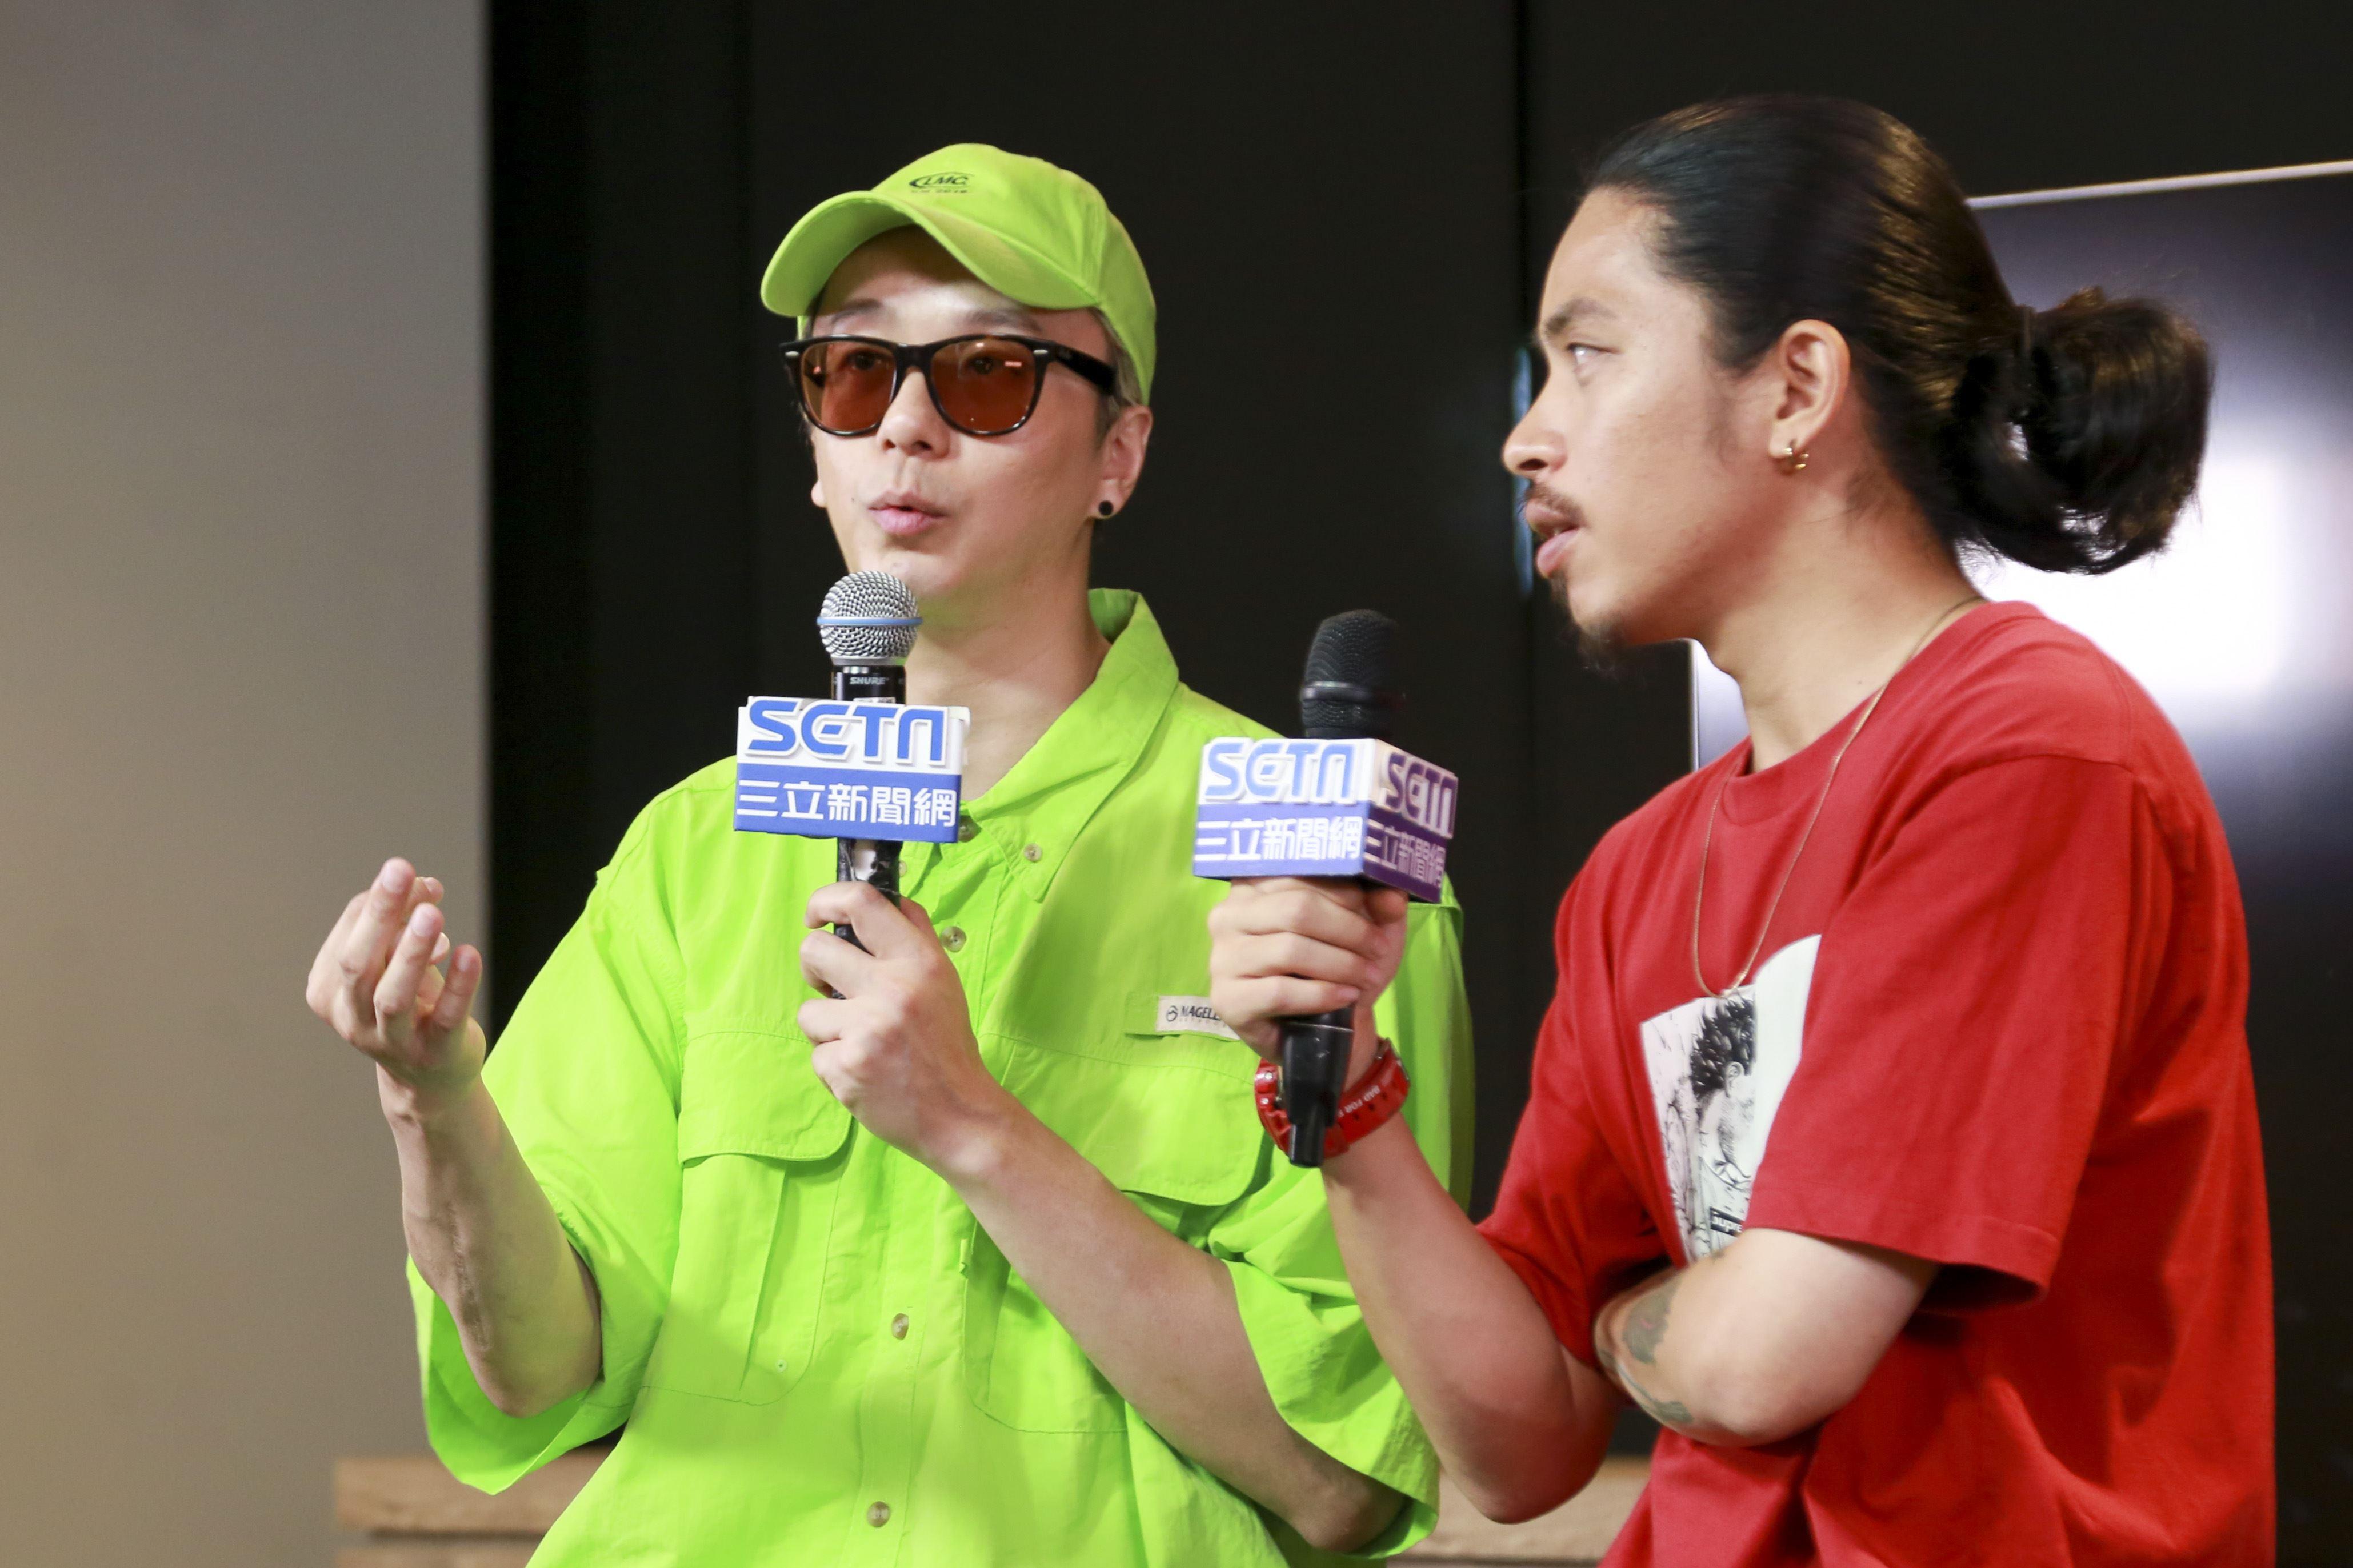 金鐘視覺設計總監廖人帥、平面視覺設計吳建龍接受三立新聞網專訪。(圖/記者林士傑攝影)